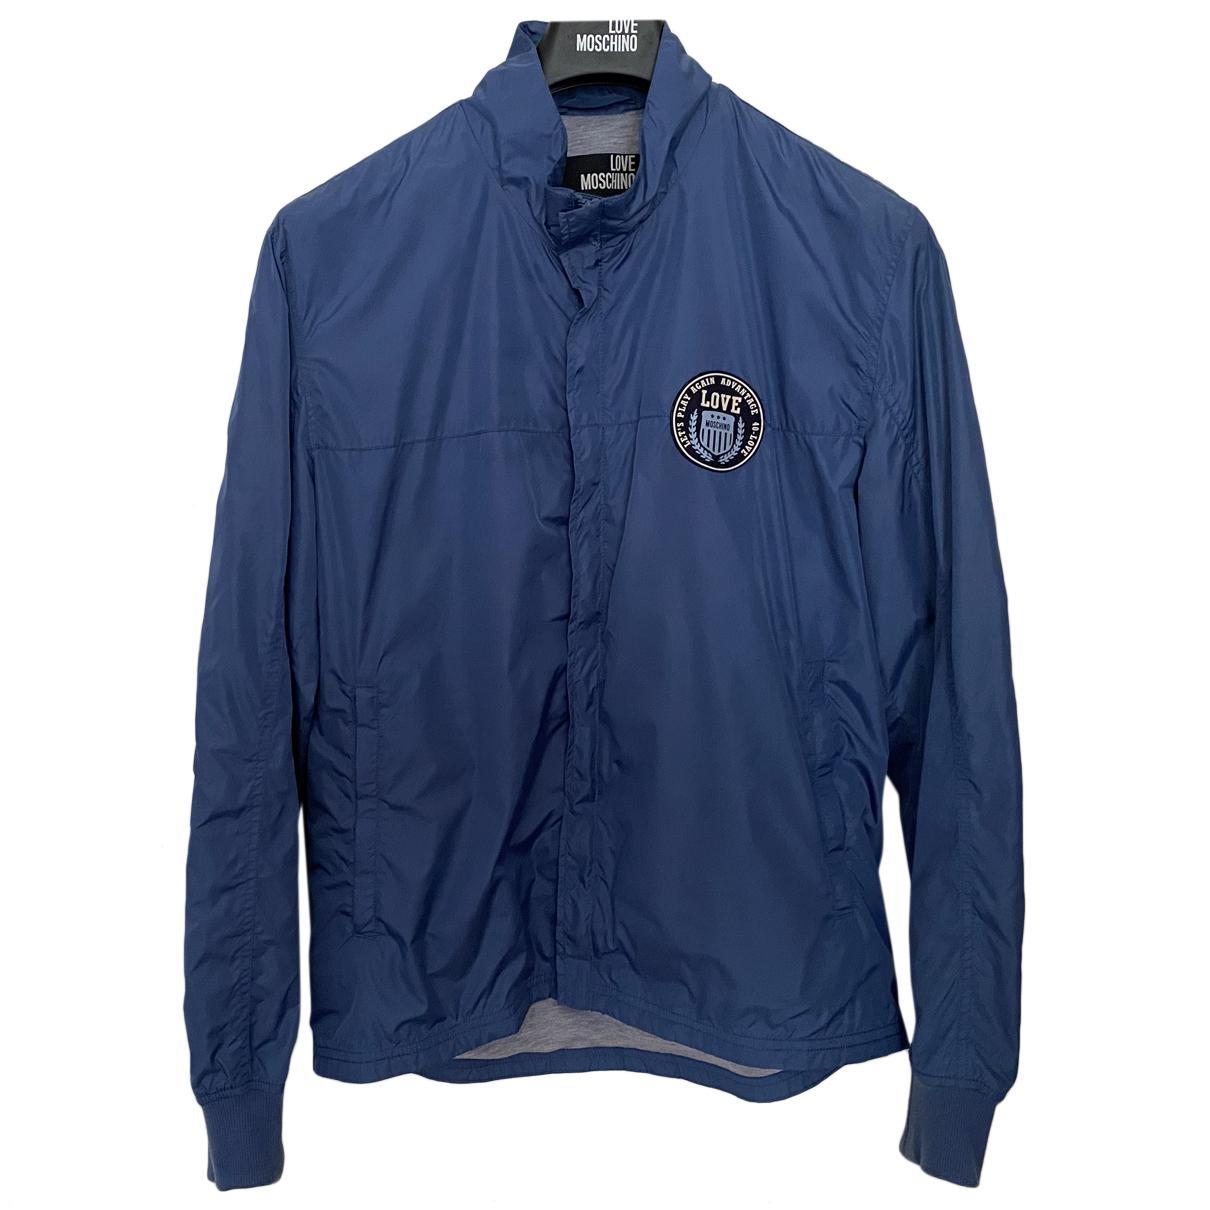 Moschino Love \N Jacke in  Blau Polyester